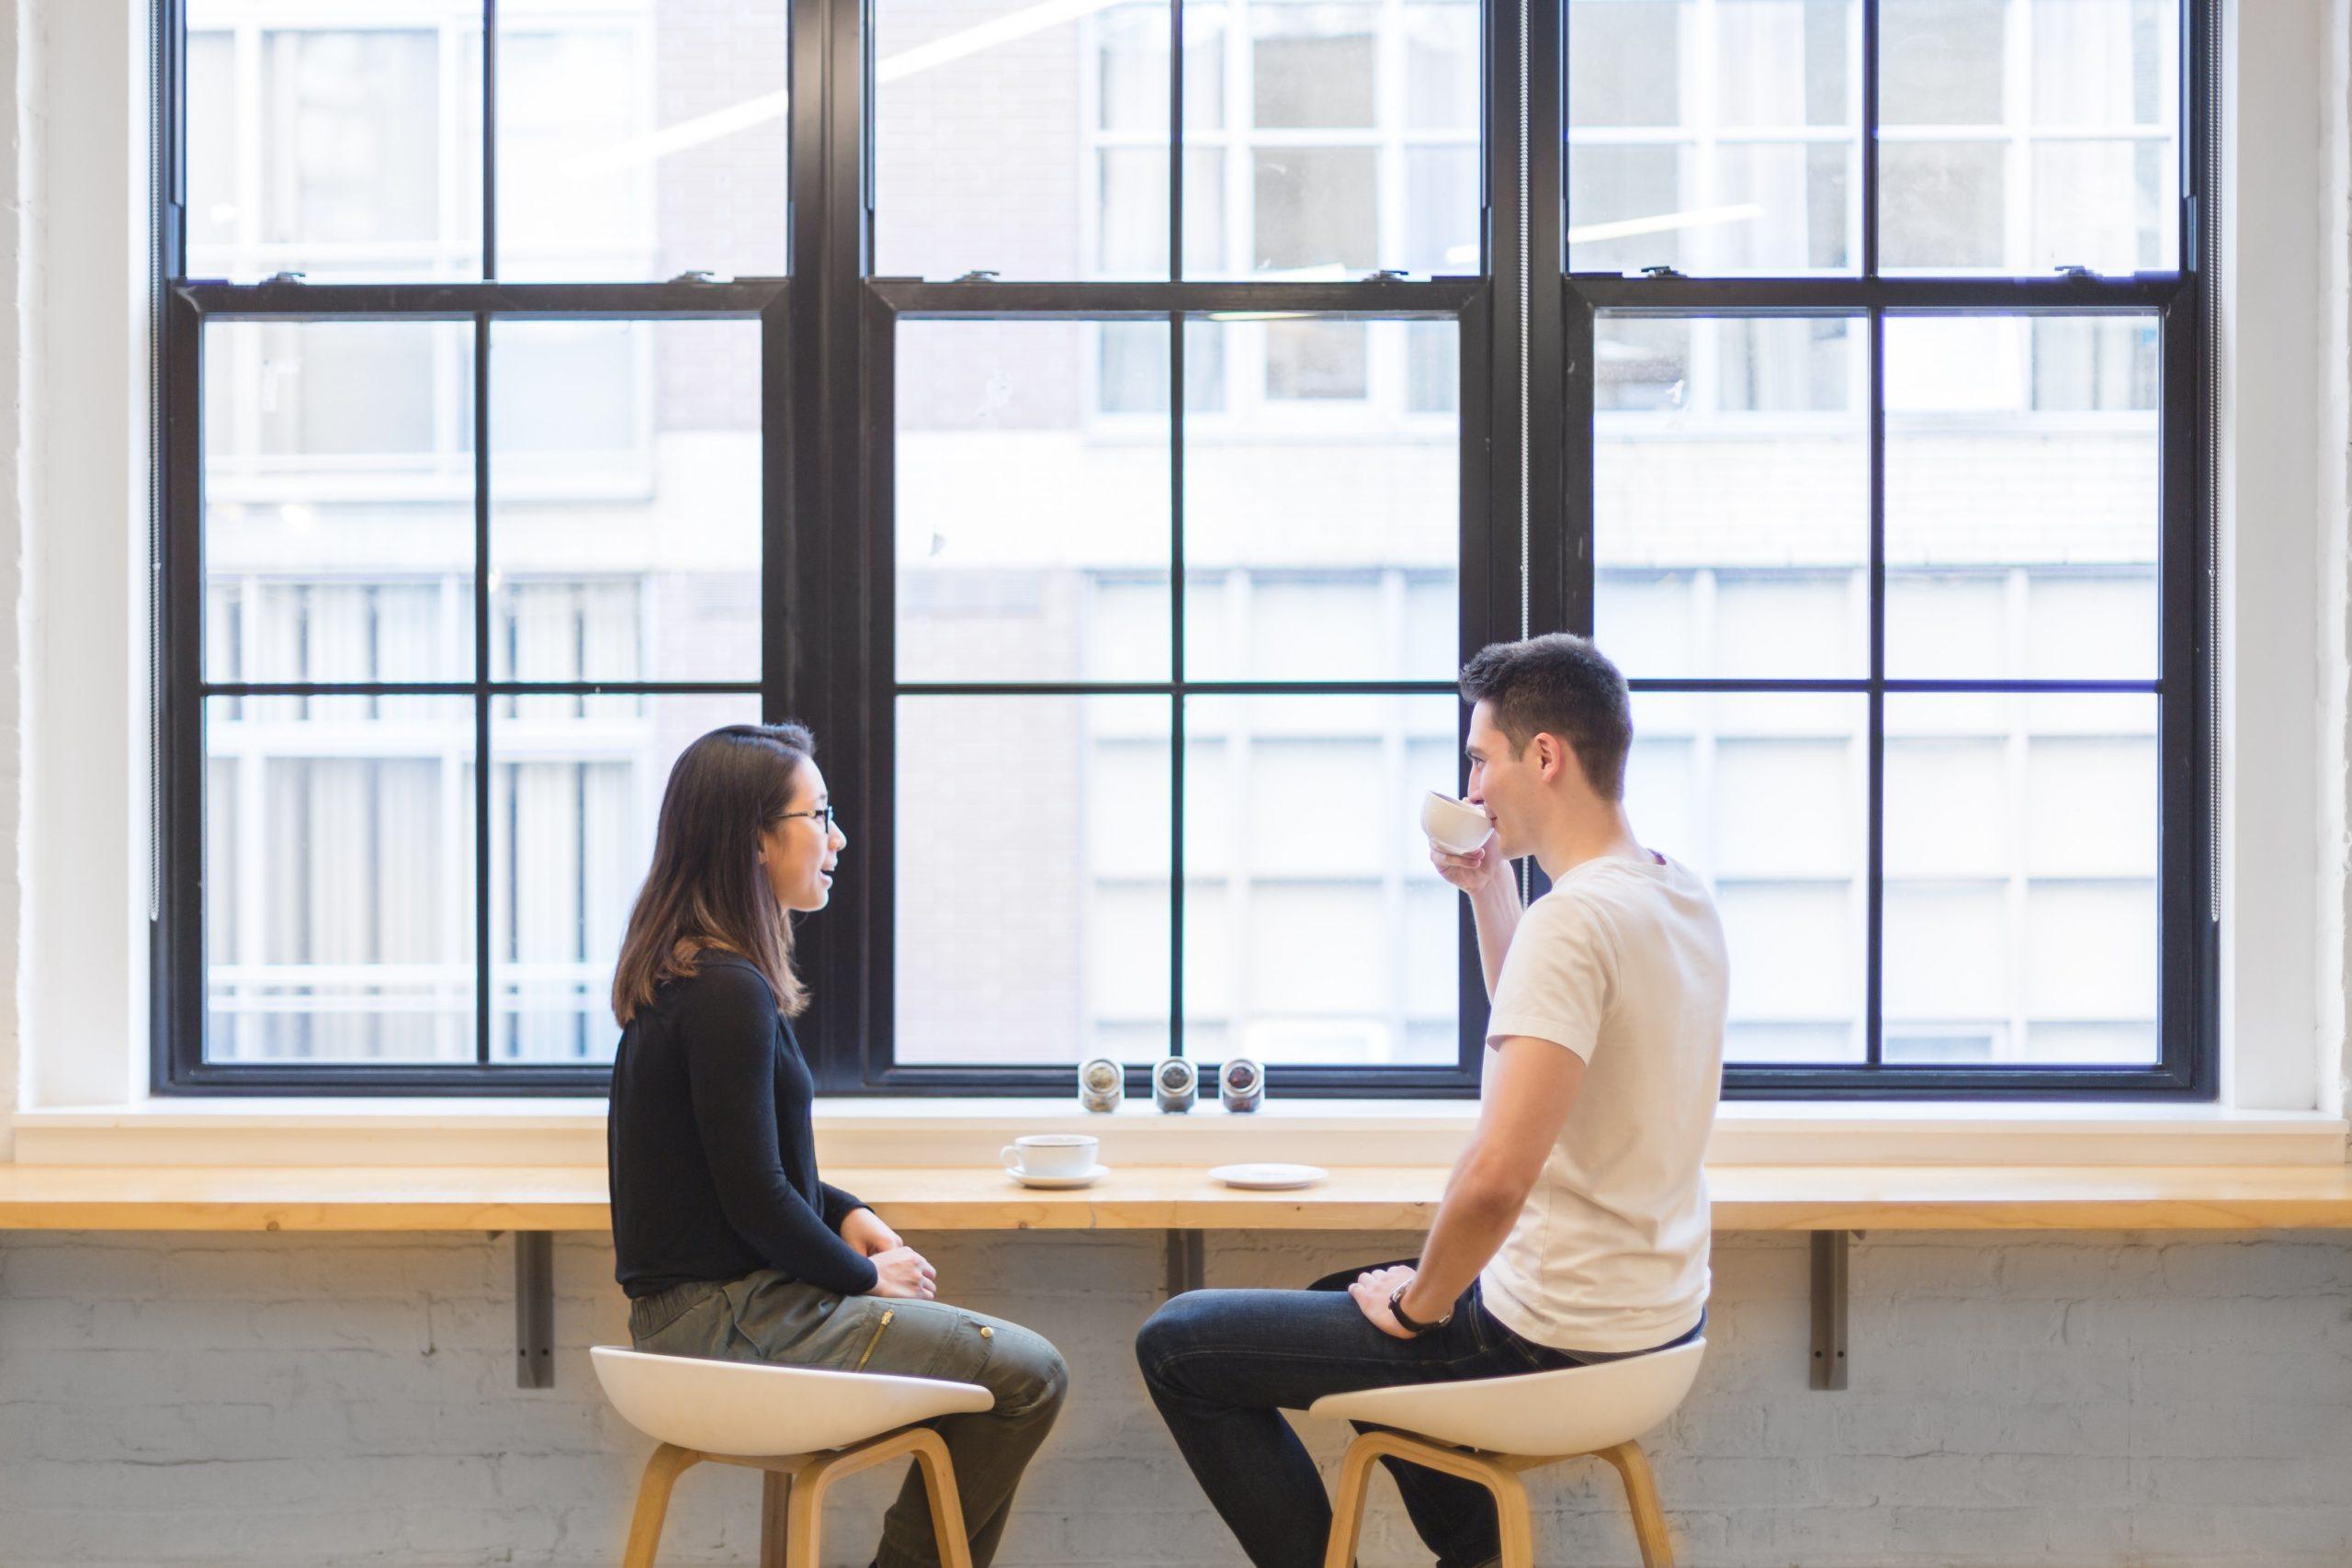 恋愛したい!|会話が苦手な男性が女性に好印象を与えて付き合う方法